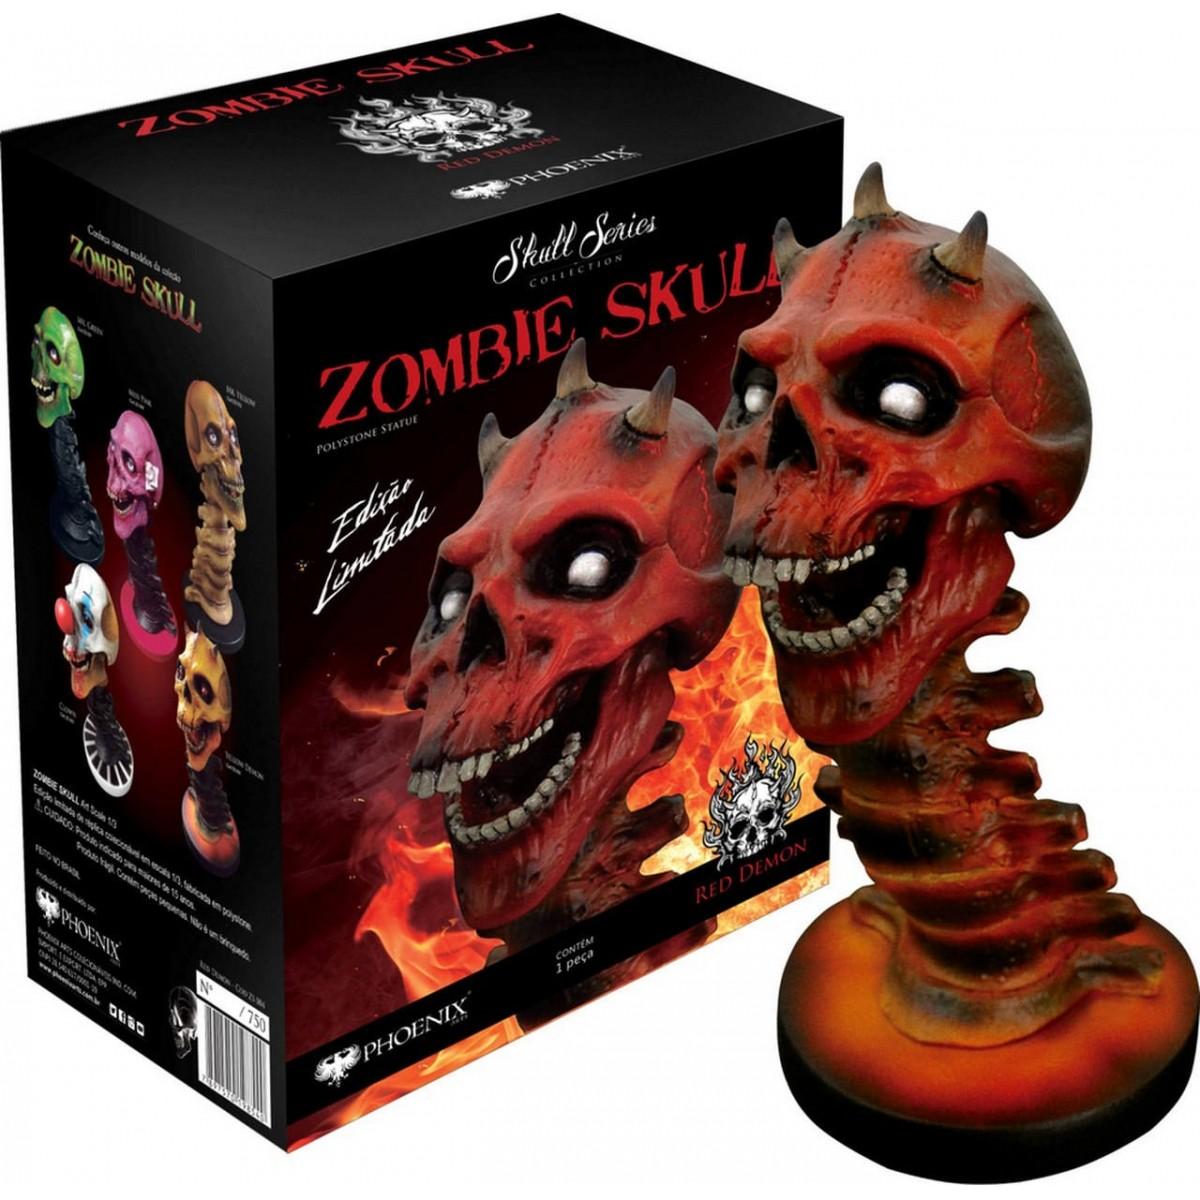 Estátua Zombie Skull Red Demon (Vermelho): Art Scale Edição Limitada Escala 1/3 - Phoenix Arts